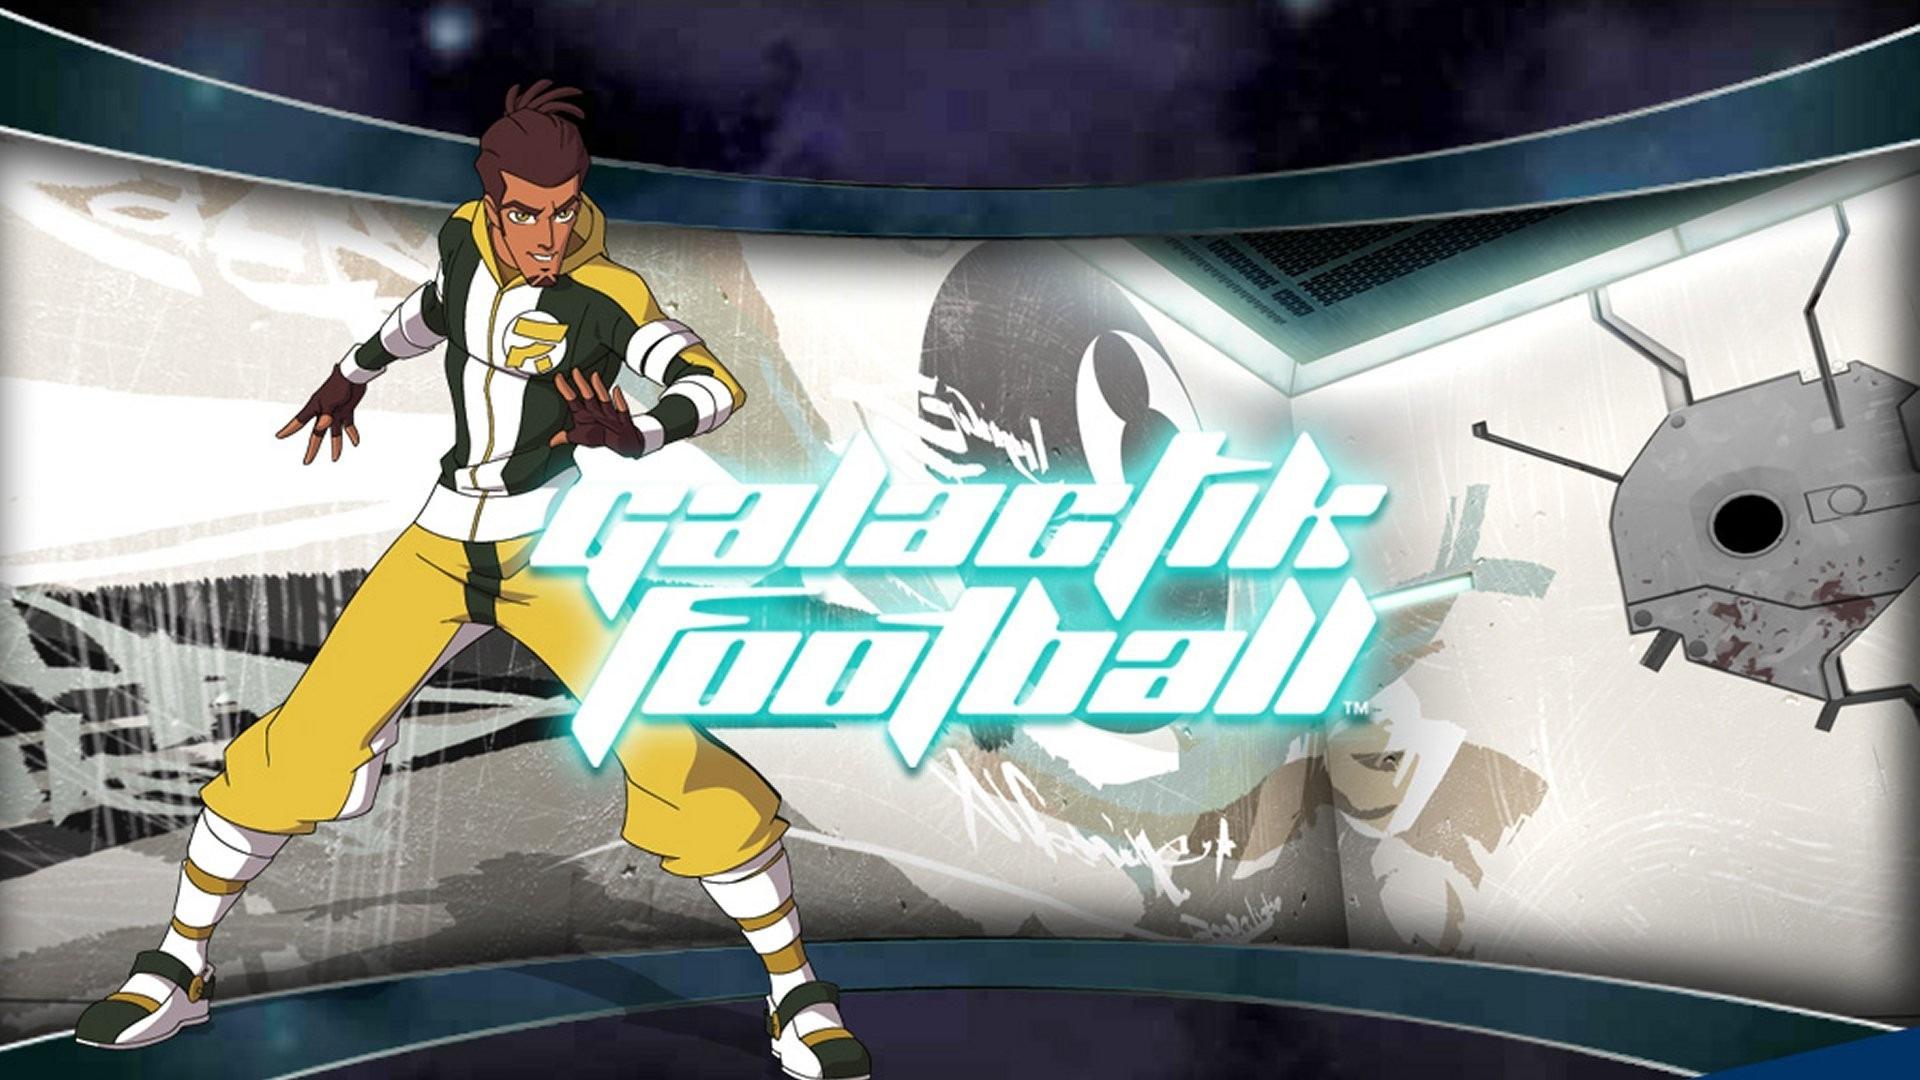 Cartoon Galactik football